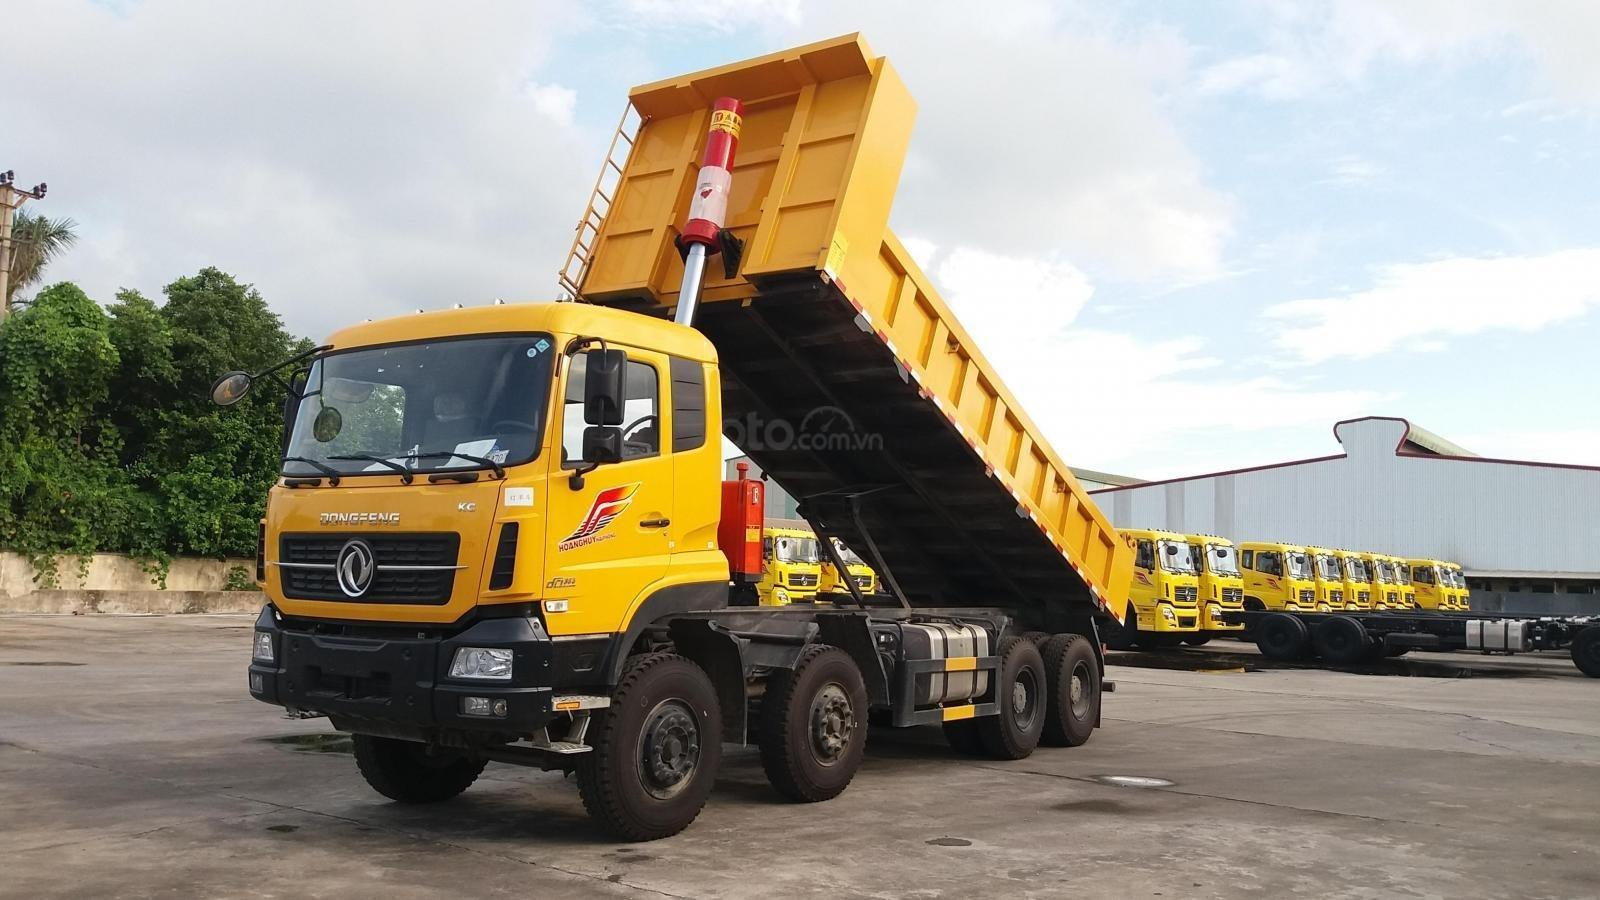 Cần bán nhanh chiếc xe tải Dongfeng 4 chân 300HP, sản xuất 2020, màu trắng (2)